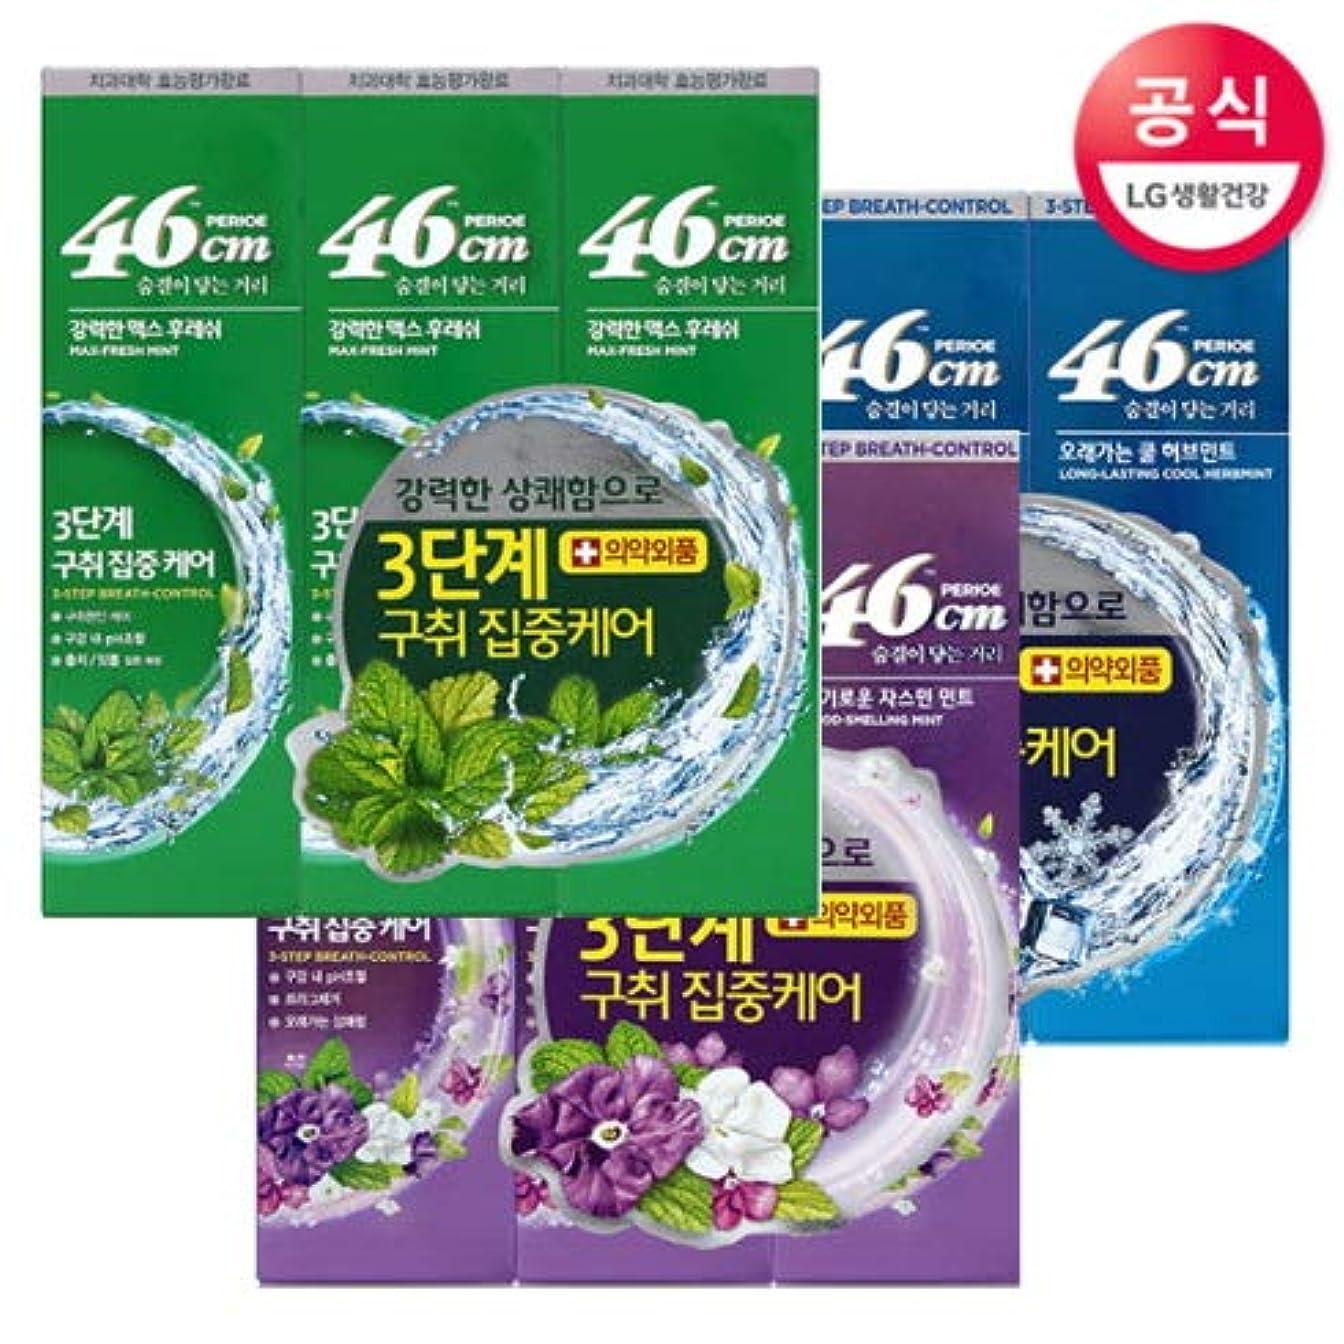 詳細な短くする識別[LG HnB] Perio 46cm toothpaste /ペリオ46cm歯磨き粉 100gx9個(海外直送品)